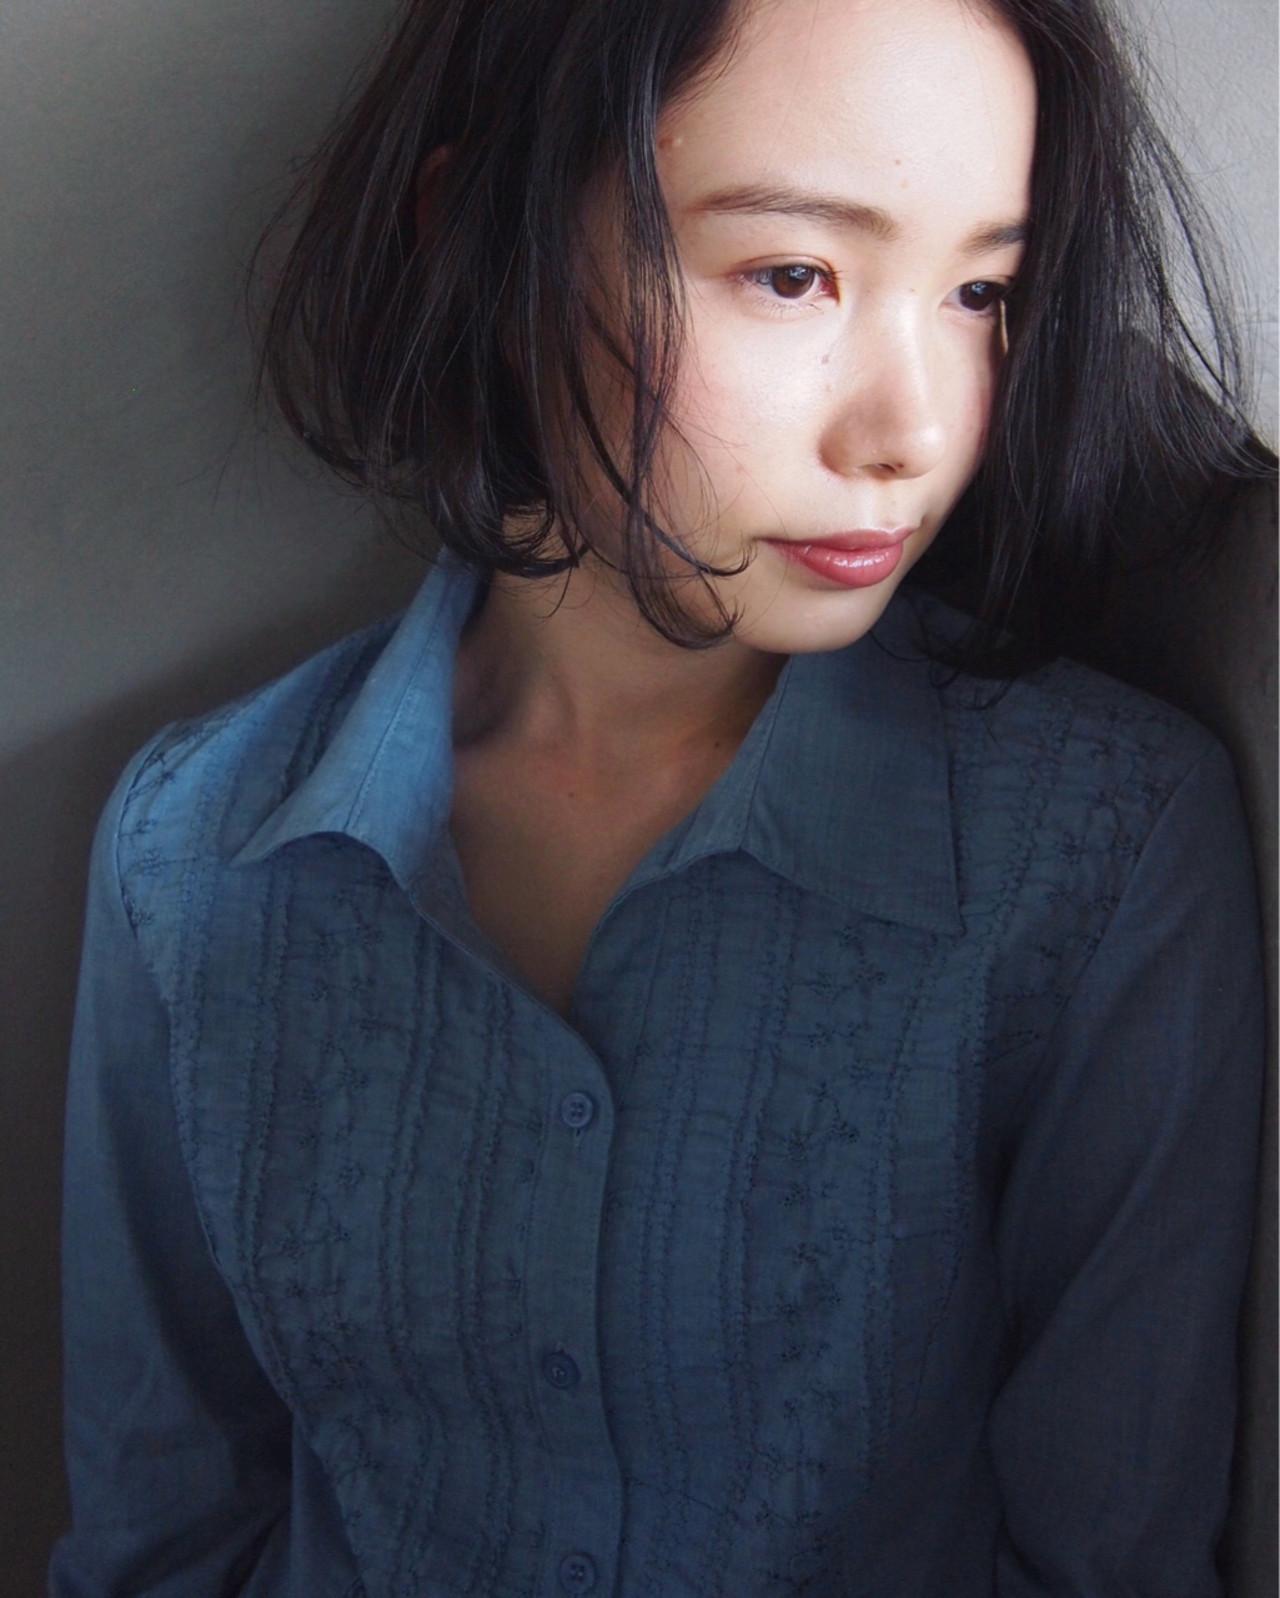 【ヘアカタログ】黒髪を活かしたヘアスタイル8選  UEKI/nanuk